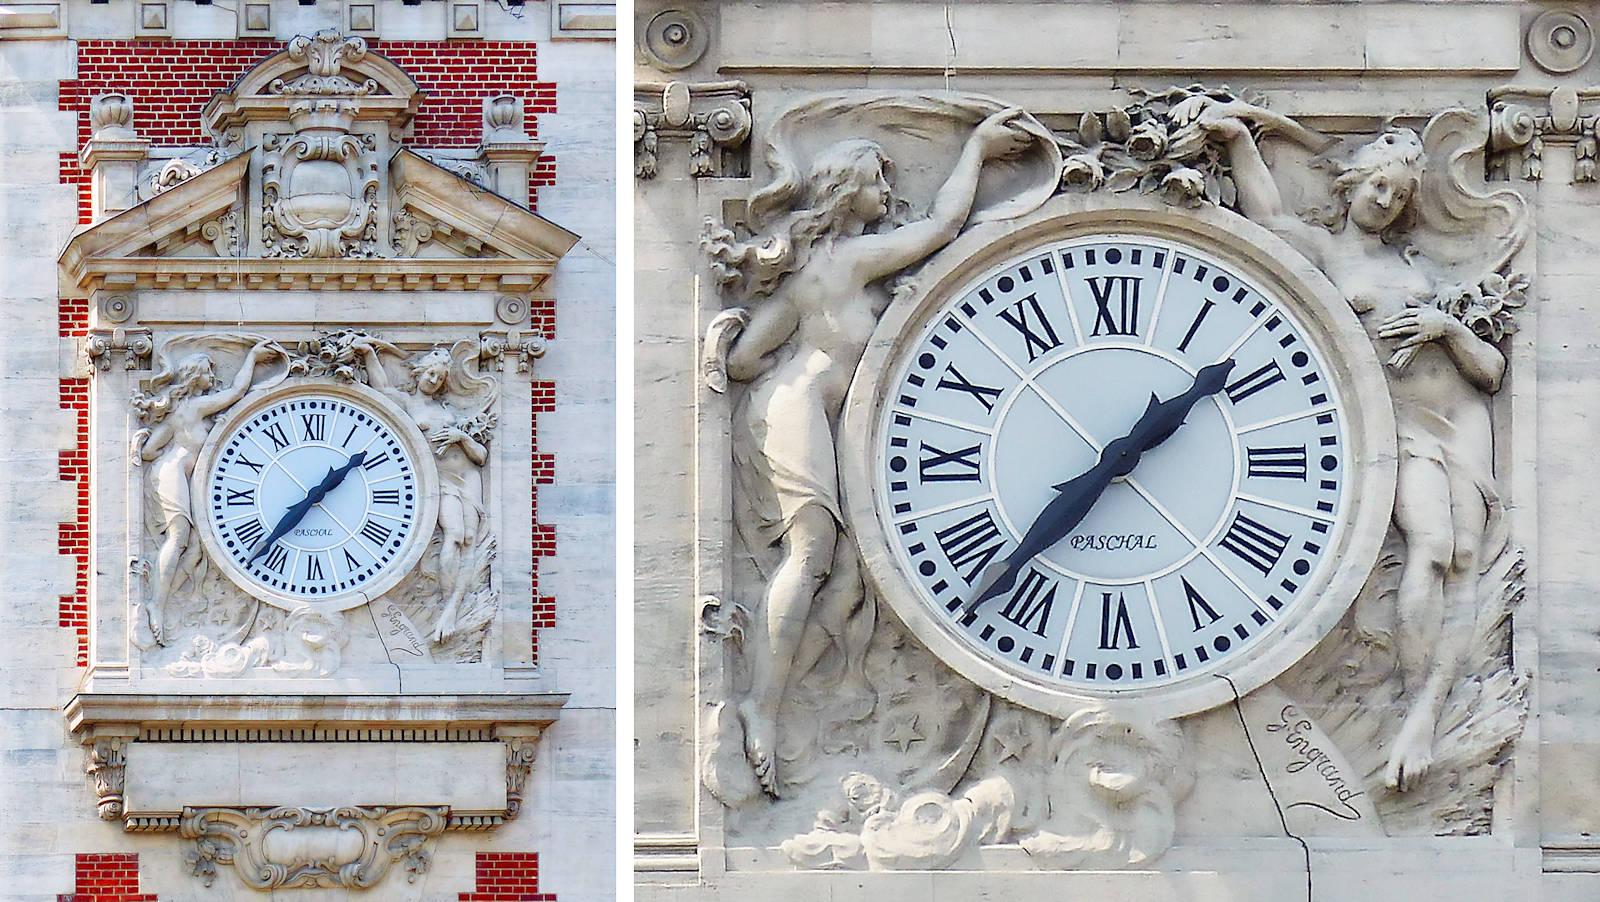 Beffroi de Tourcoing - Bas-relief de l'horloge, par Georges Engrand